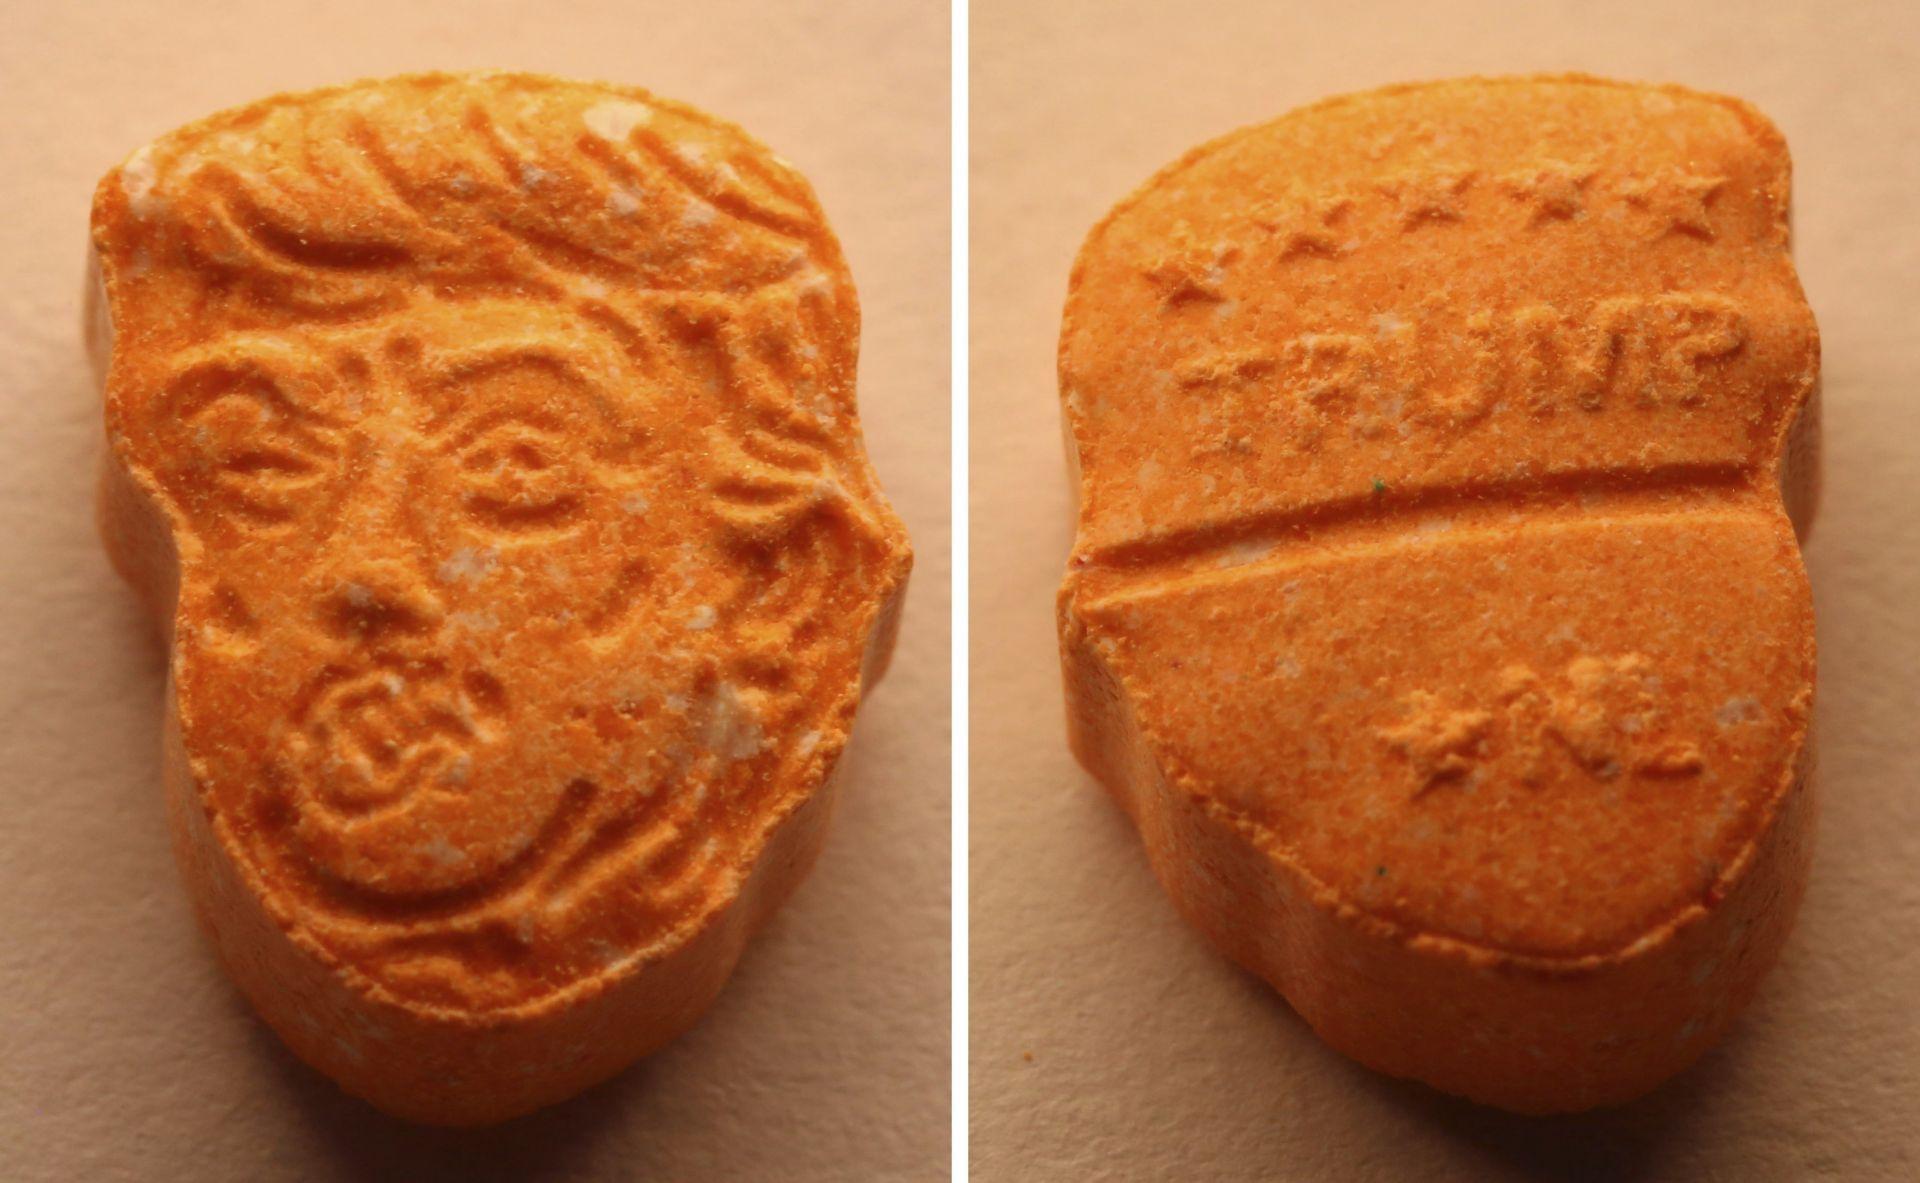 Aprehenden 5.000 pastillas de éxtasis con el rostro de Trump